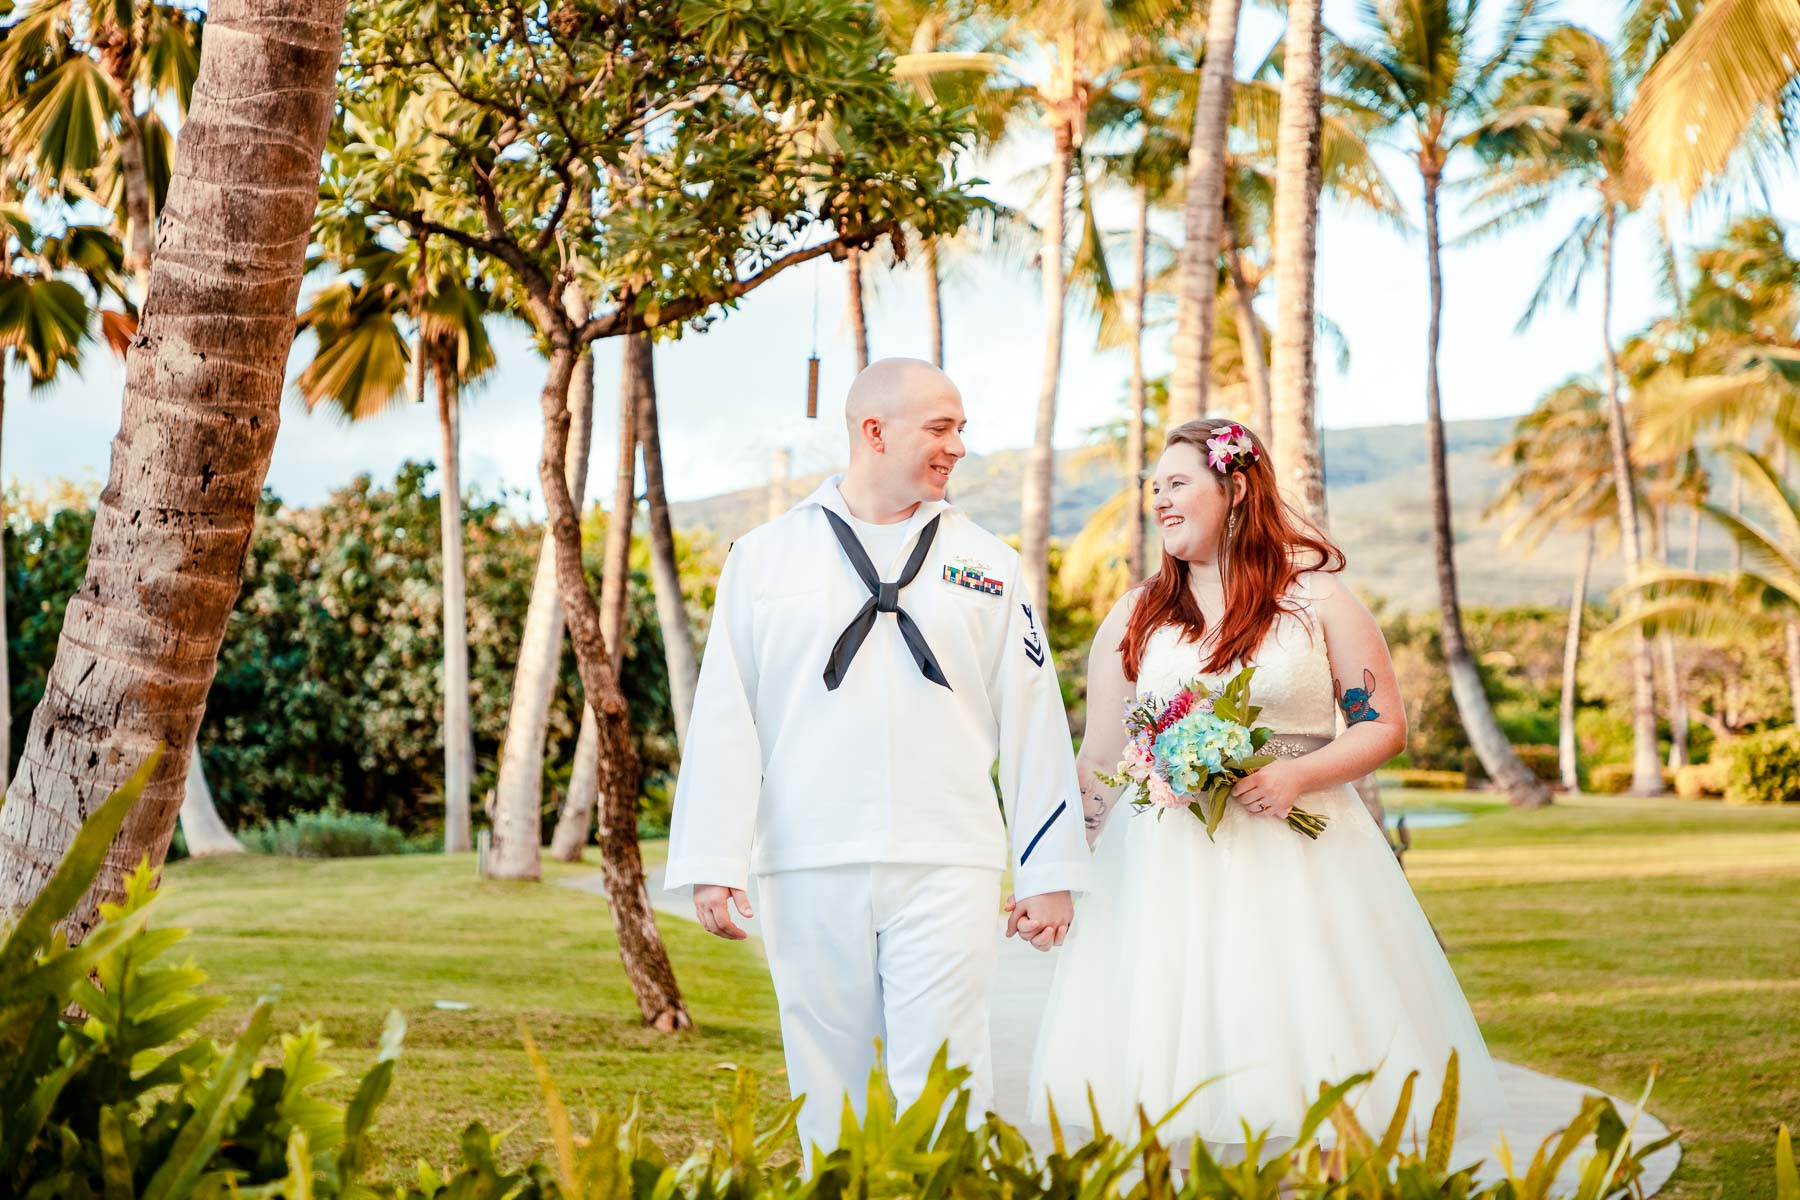 bride and groom wedding portrait garden oahu hawaii